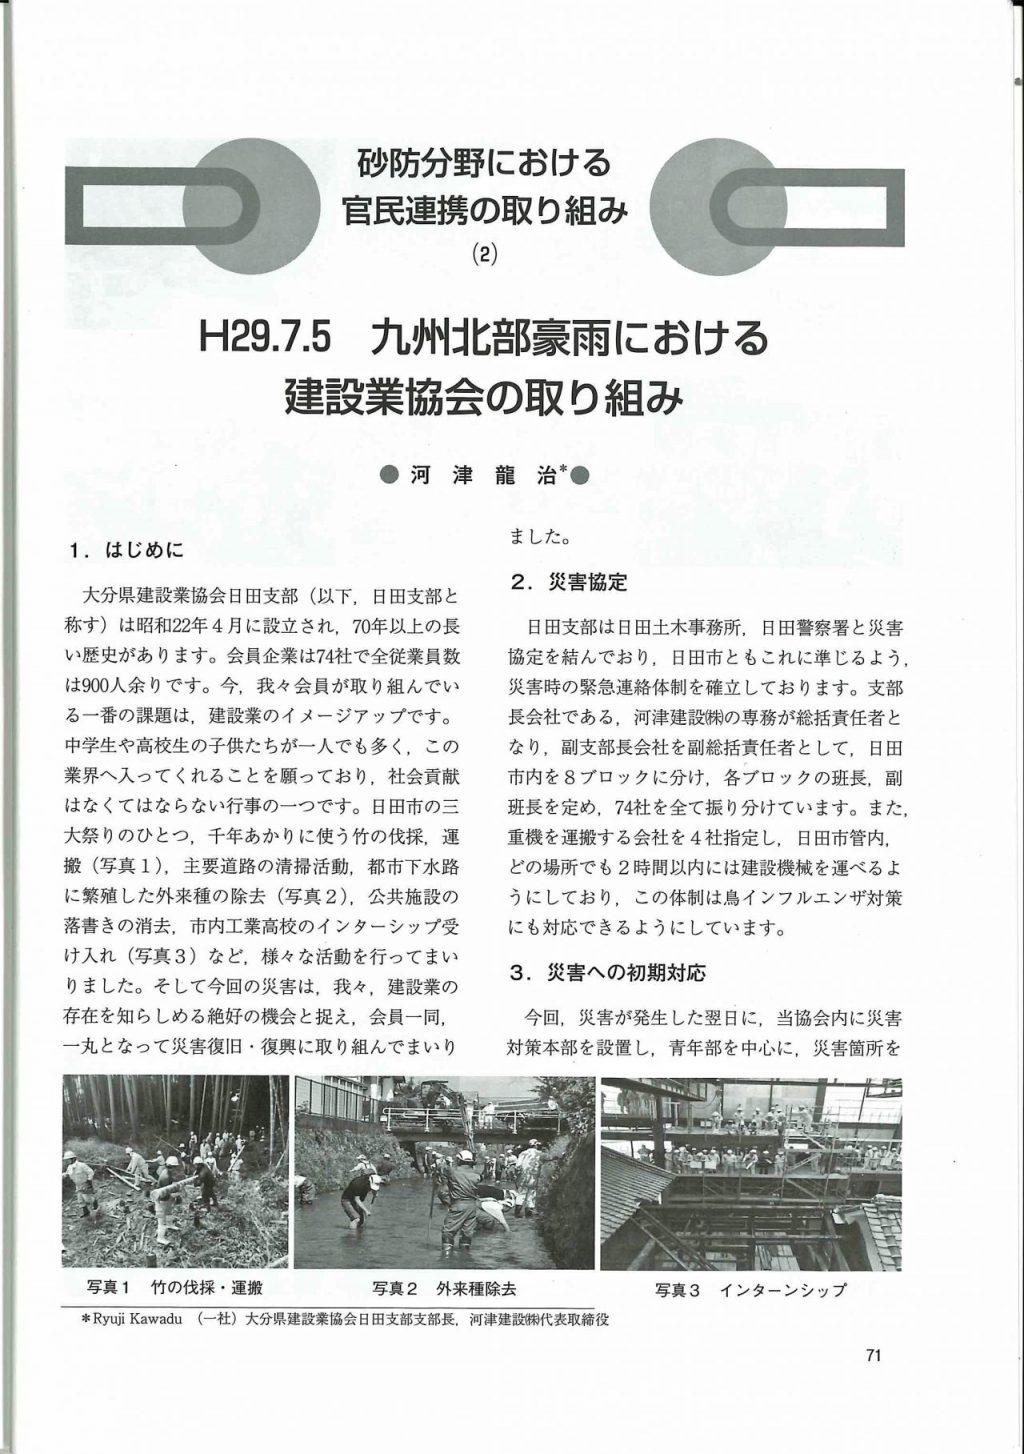 『九州北部豪雨における建設業協会の取り組み』の記事掲載